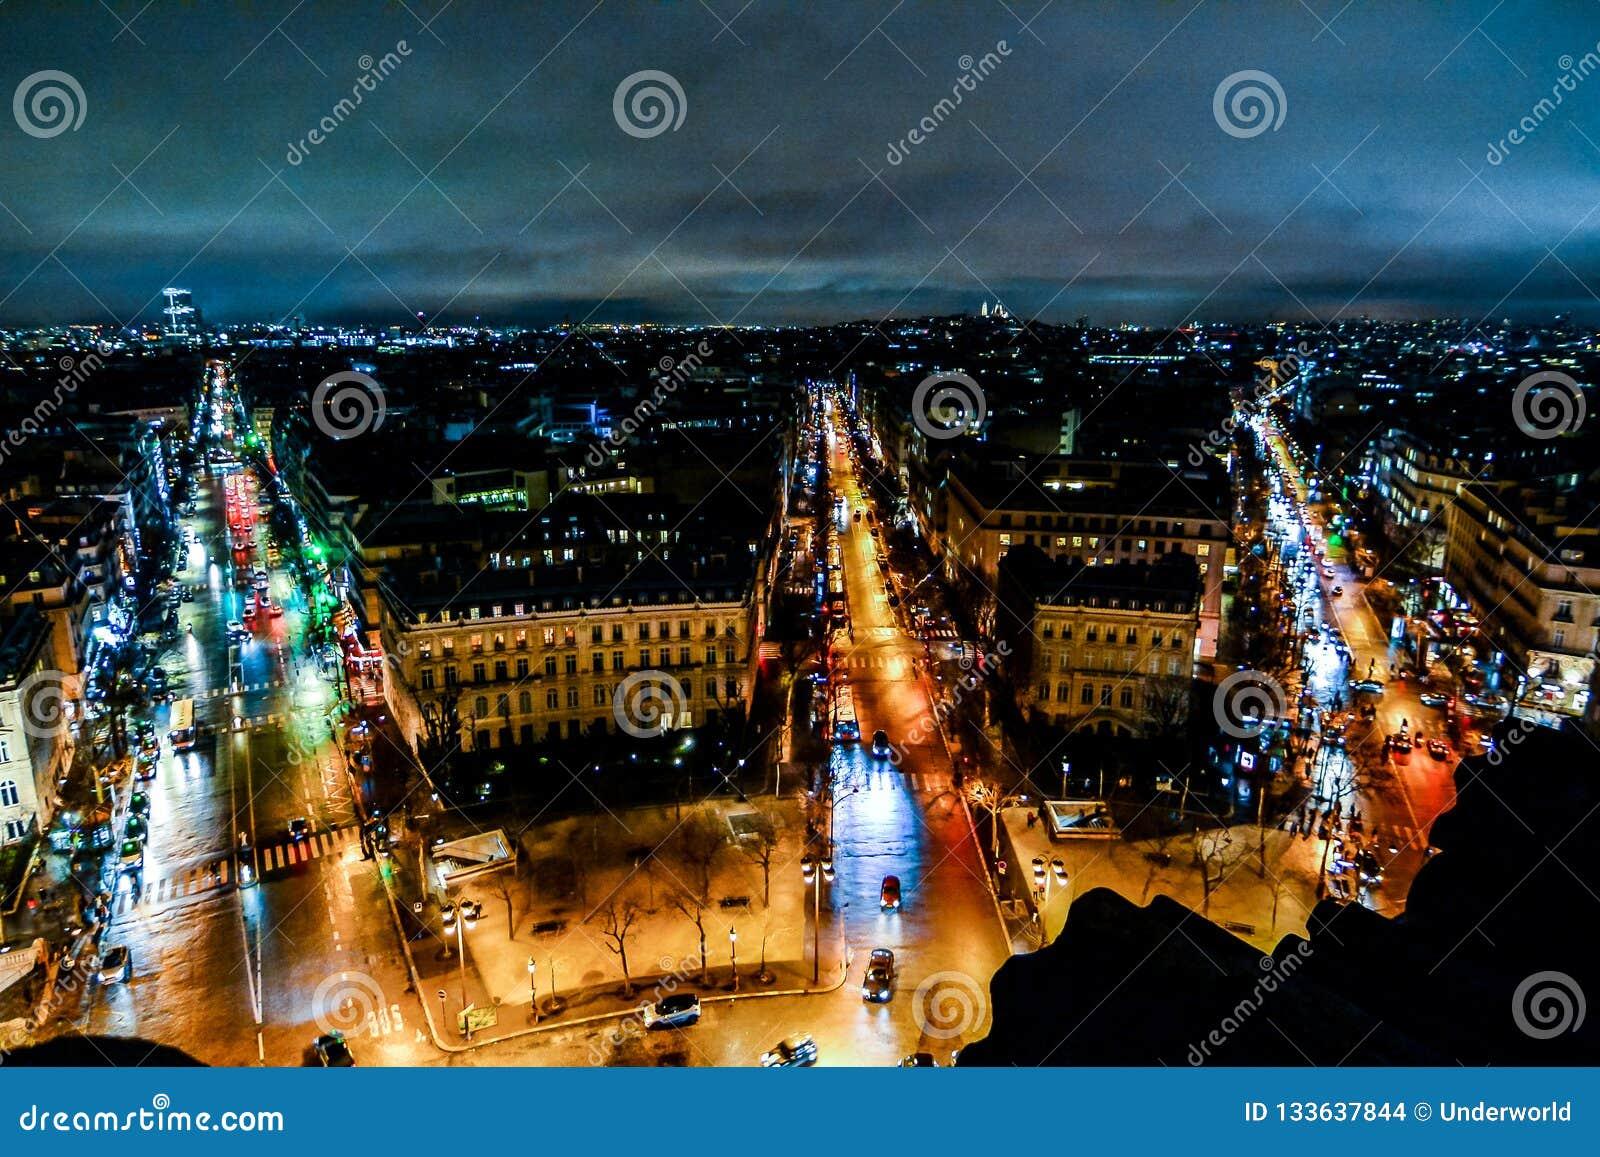 άποψη από το τόξο de triomphe τη νύχτα, εικόνα φωτογραφιών μια όμορφη πανοραμική άποψη της μητροπολιτικής πόλης του Παρισιού